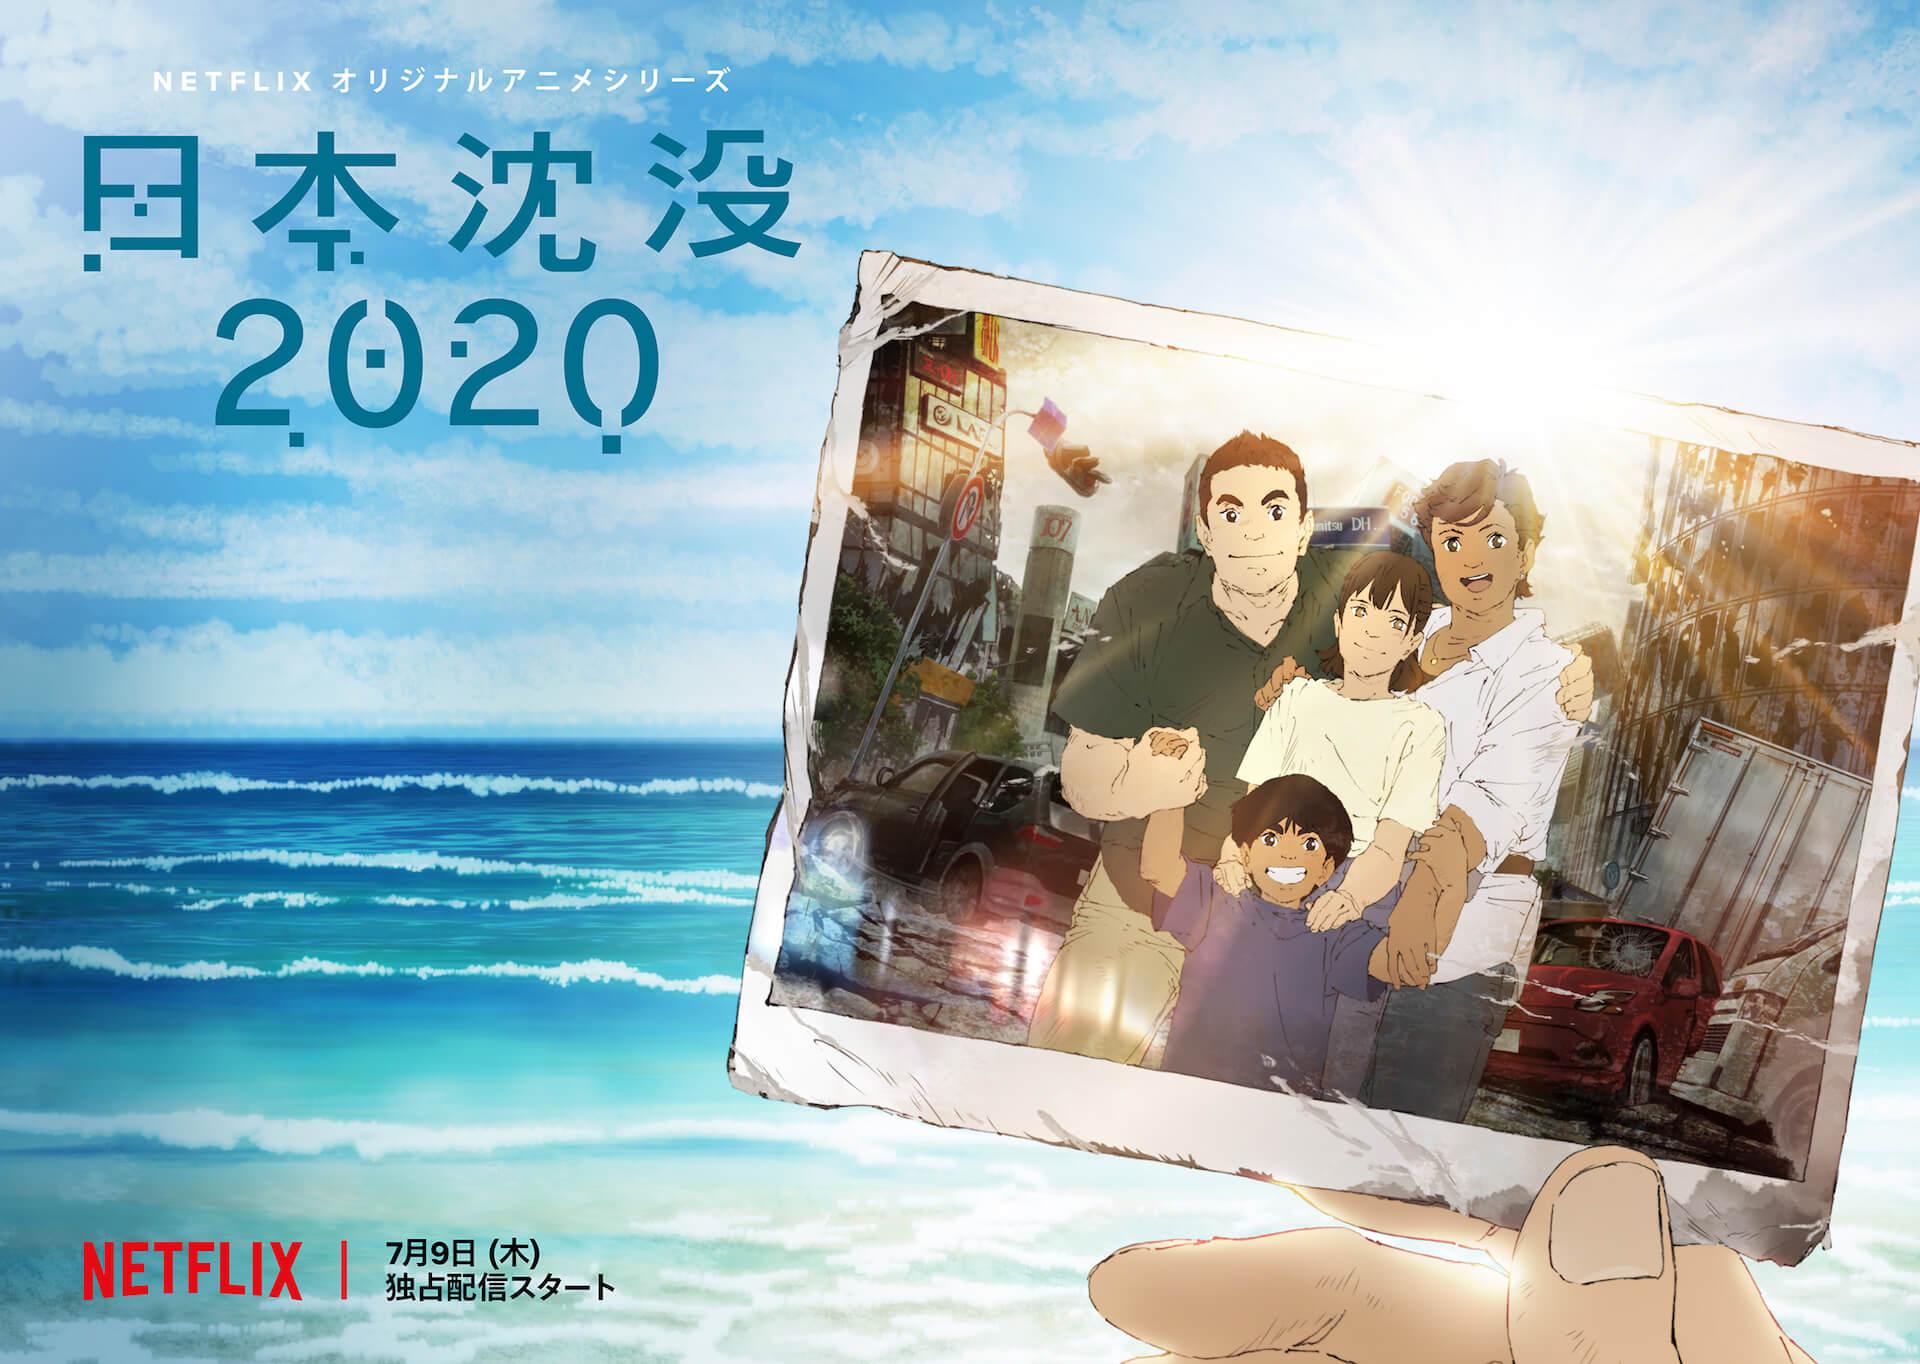 日本が沈没したのちの運命とは?Netflix『日本沈没2020』の本予告&豪華声優陣が解禁 film200529_nihonchimbotsu_10